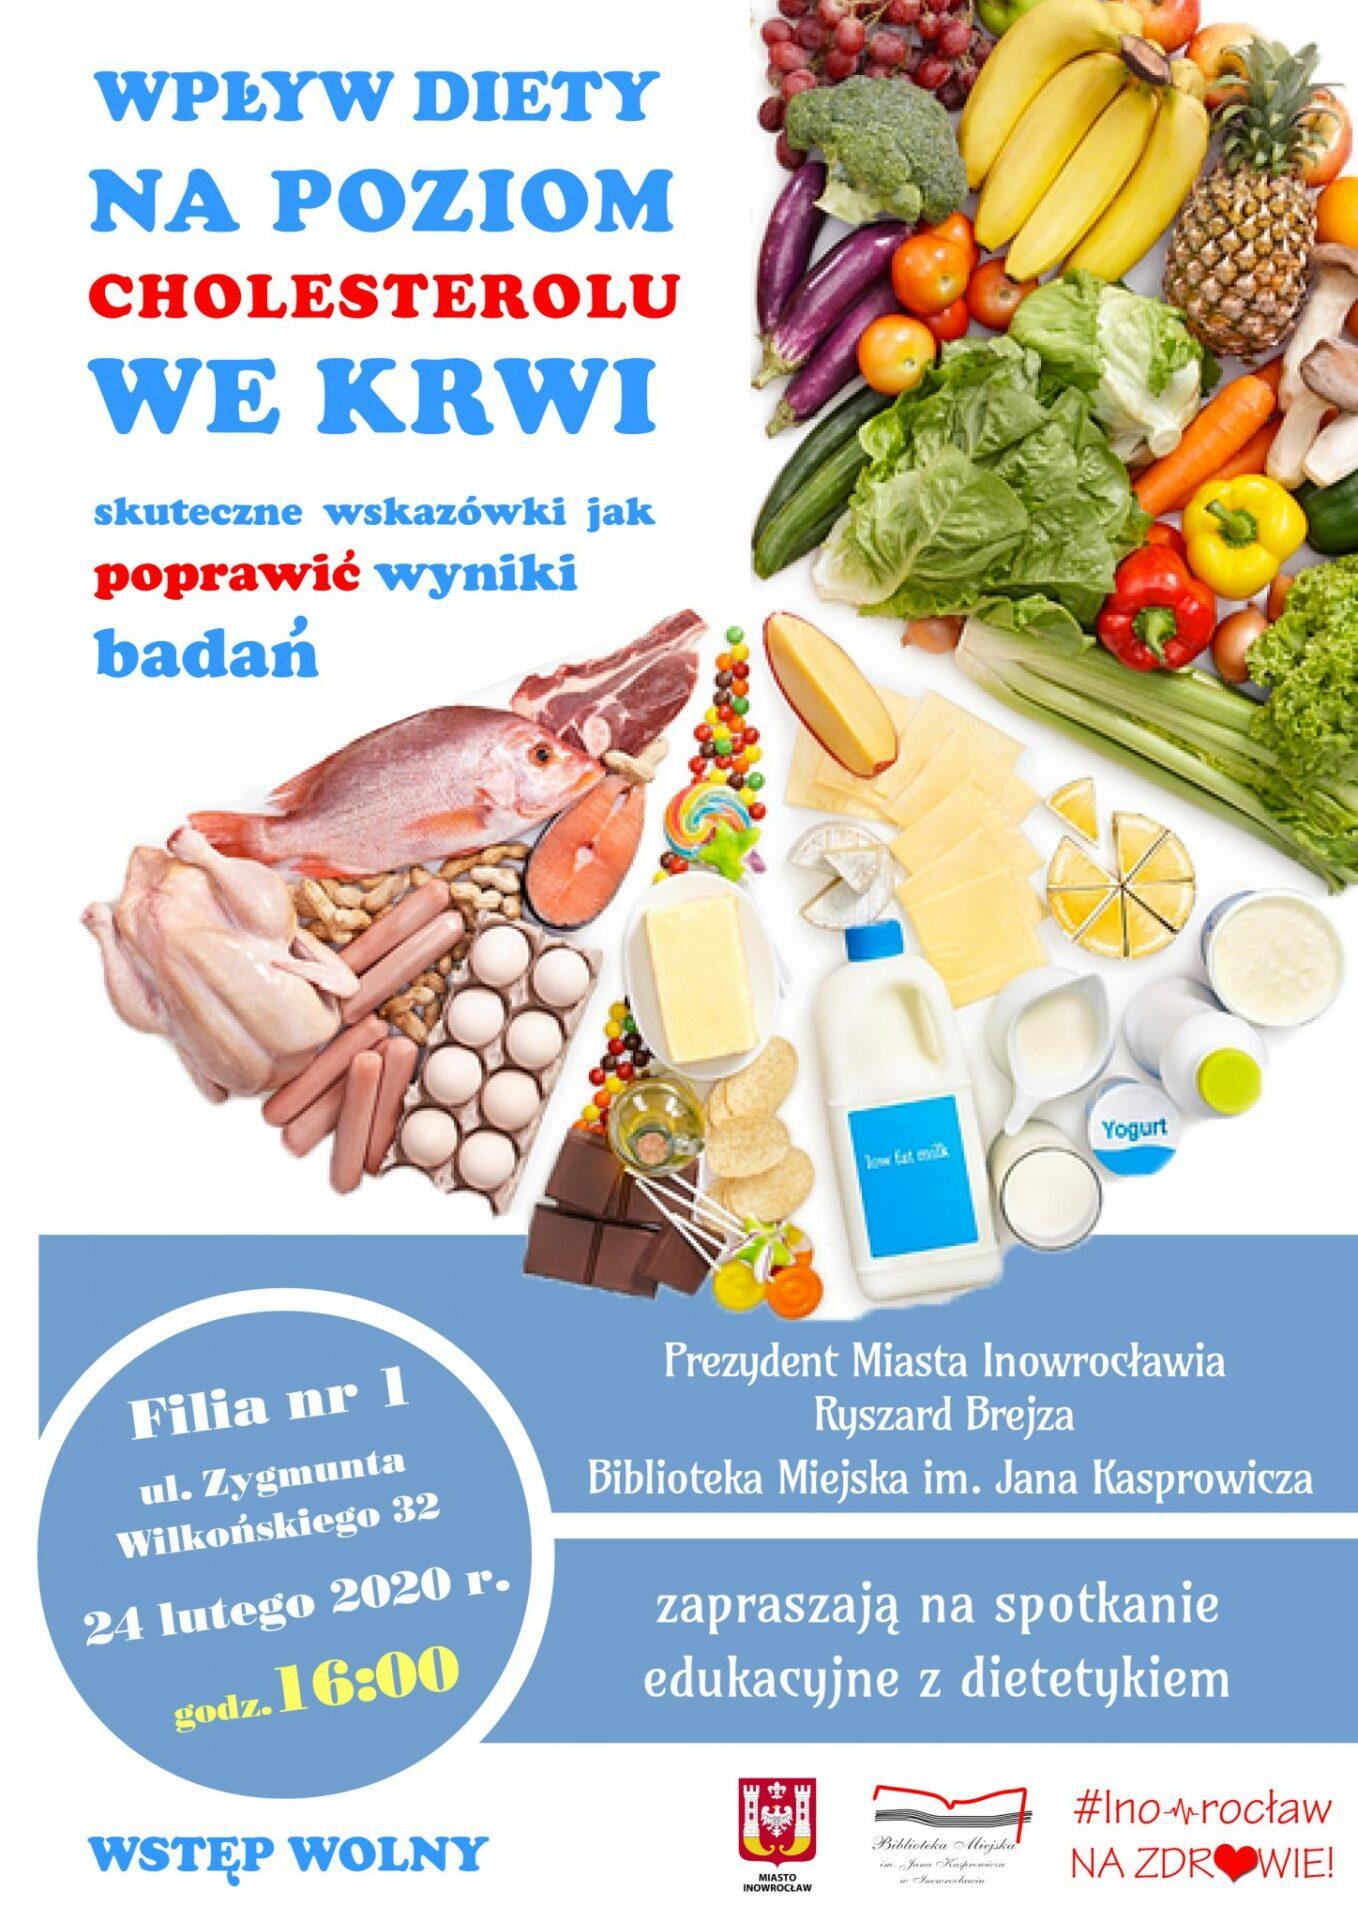 wewewe